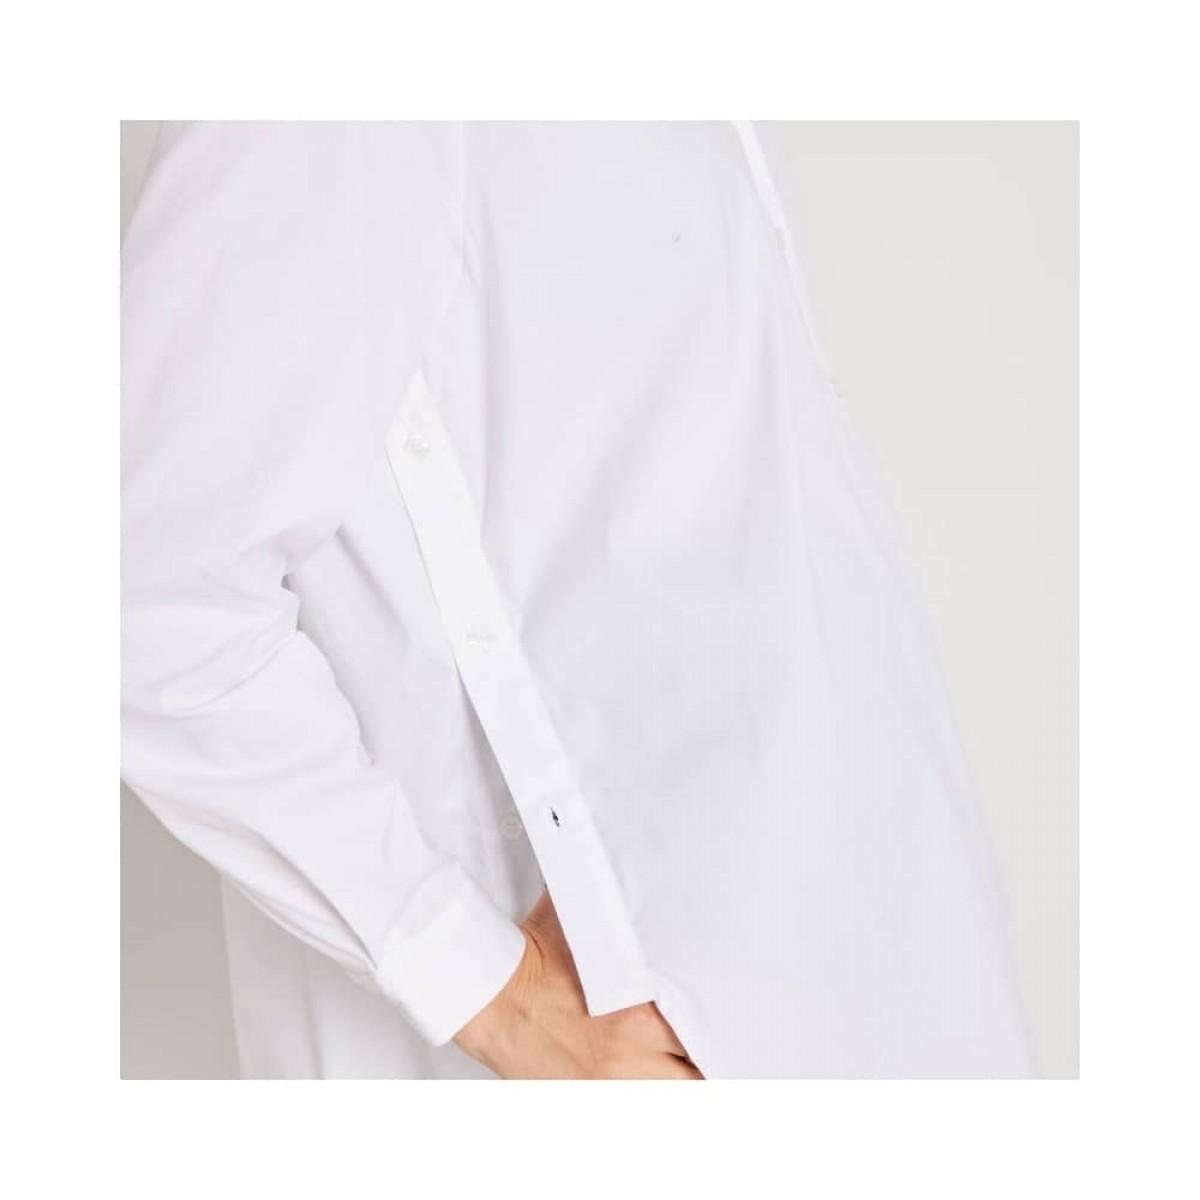 claudia skjorte - white - knap detalje